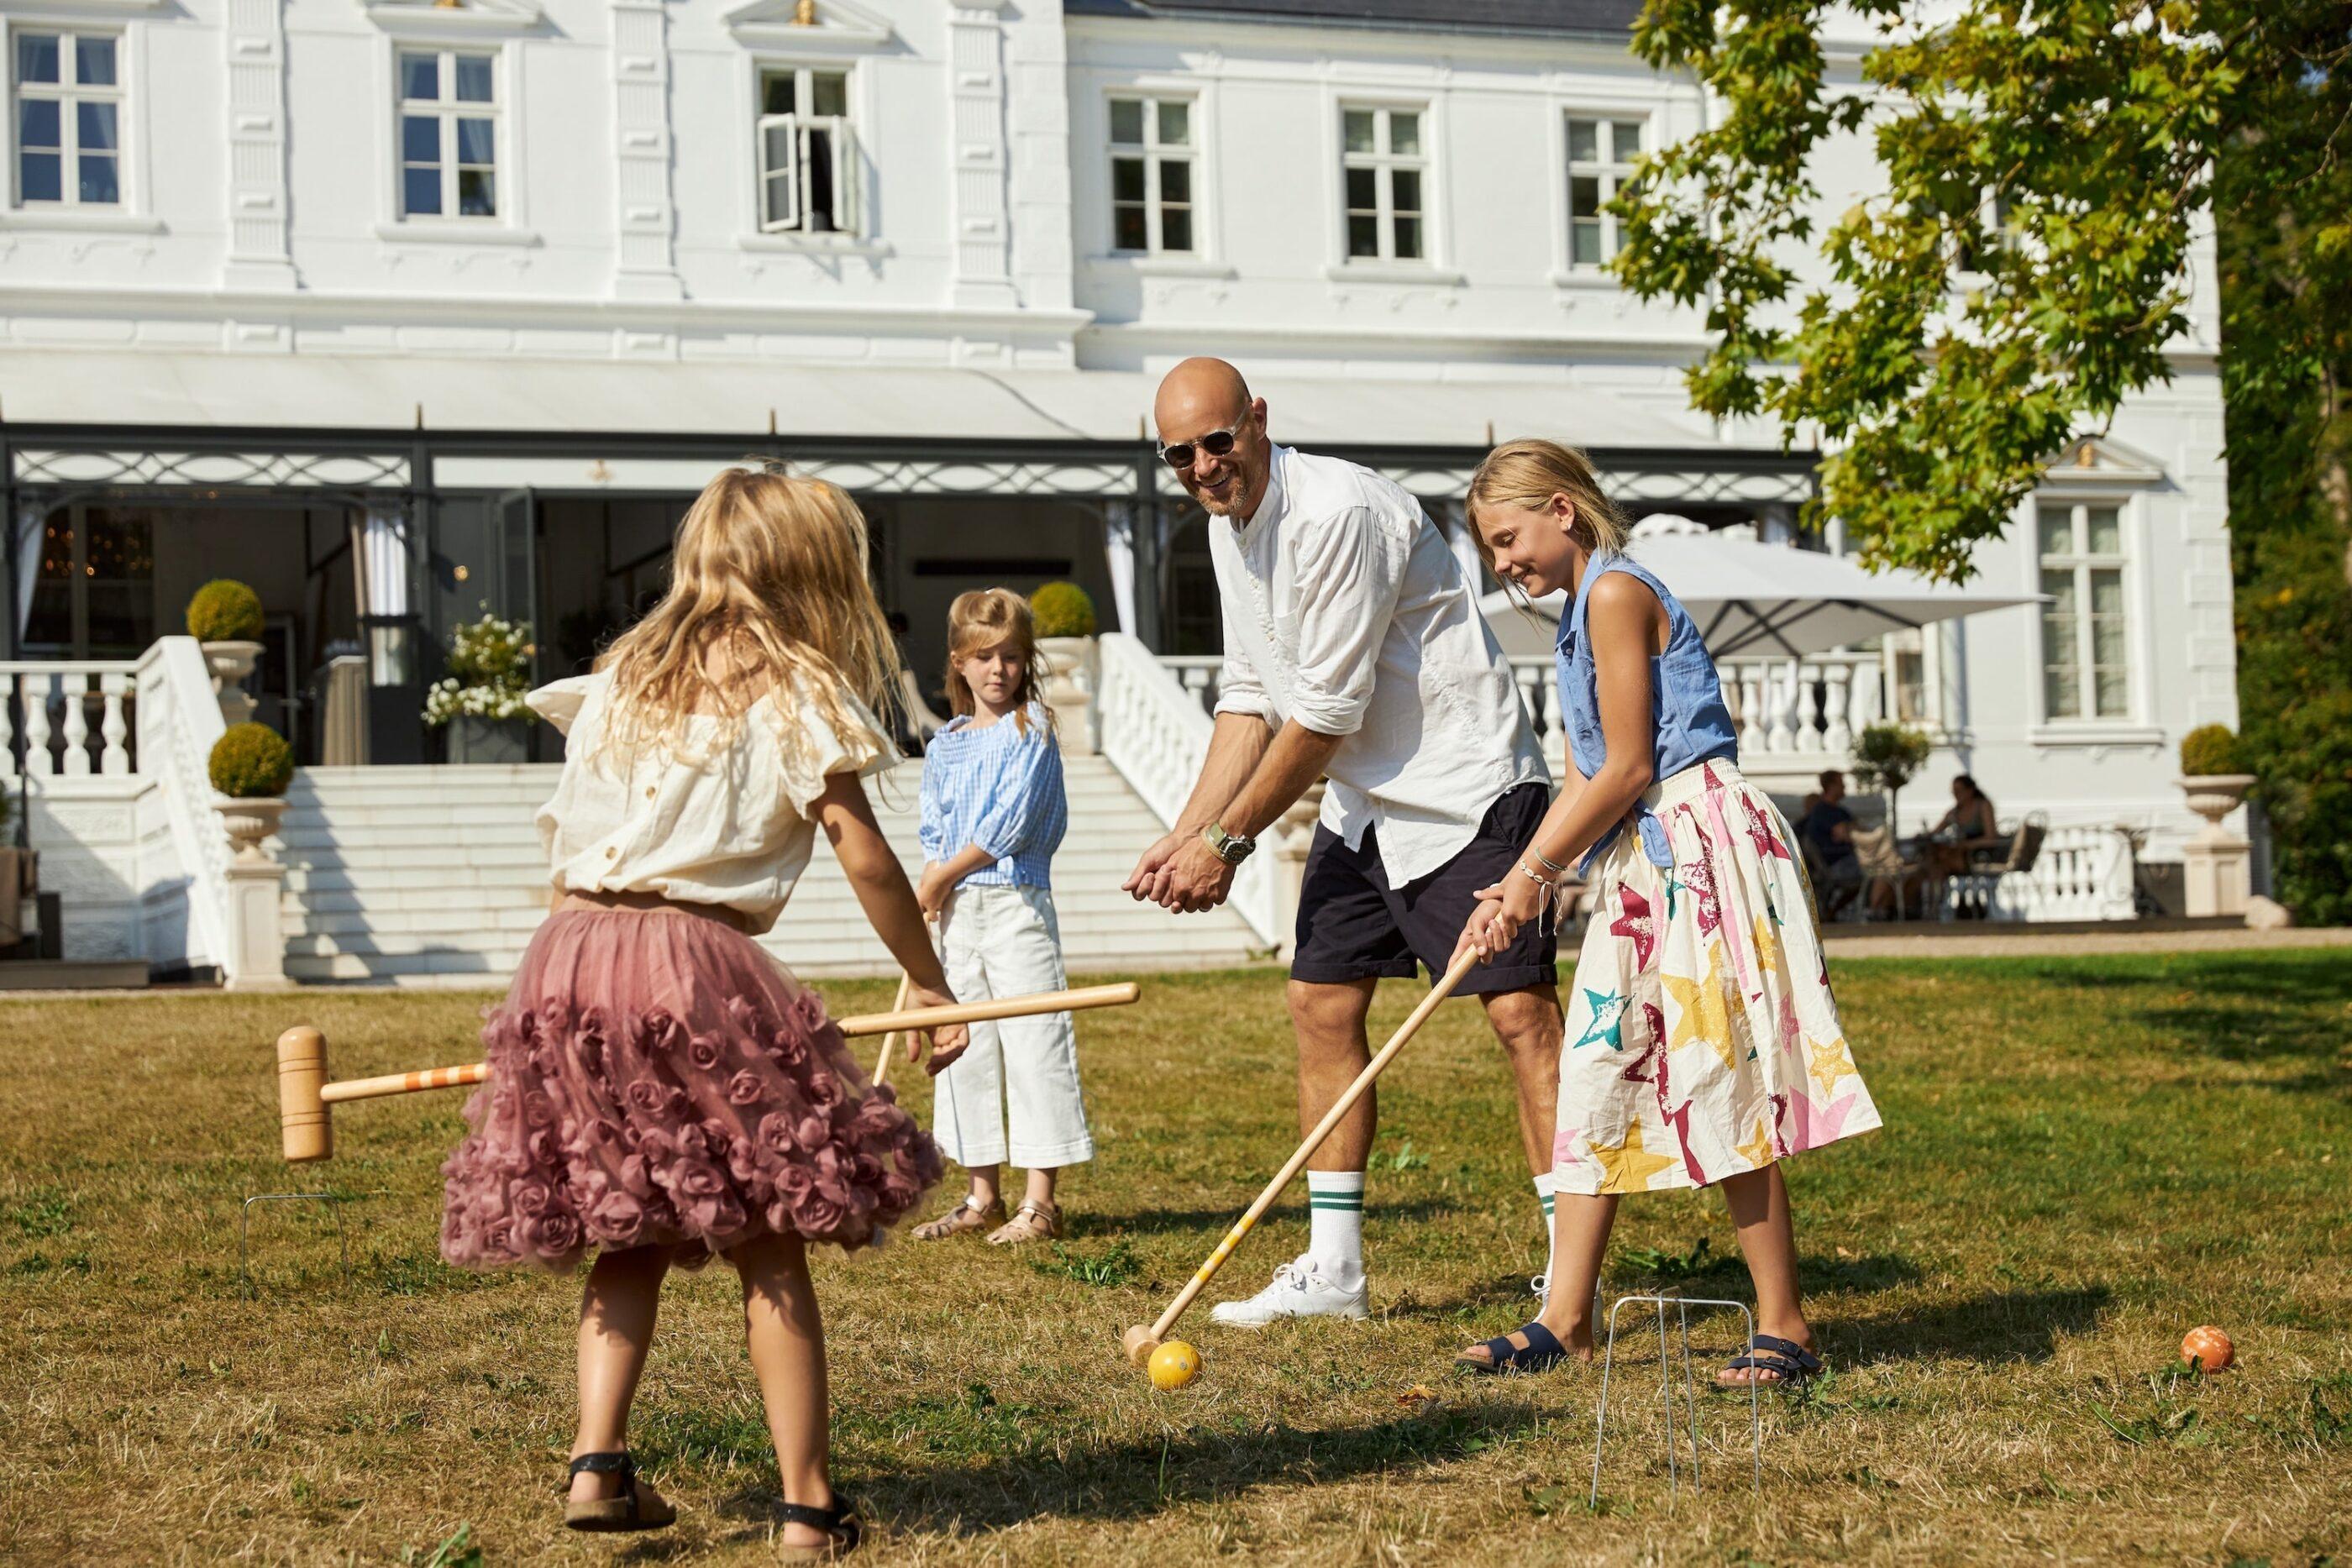 En voksen mand lærer 3 børn at spille kroket og simulerer med sine hænder hvordan man holder en kølle